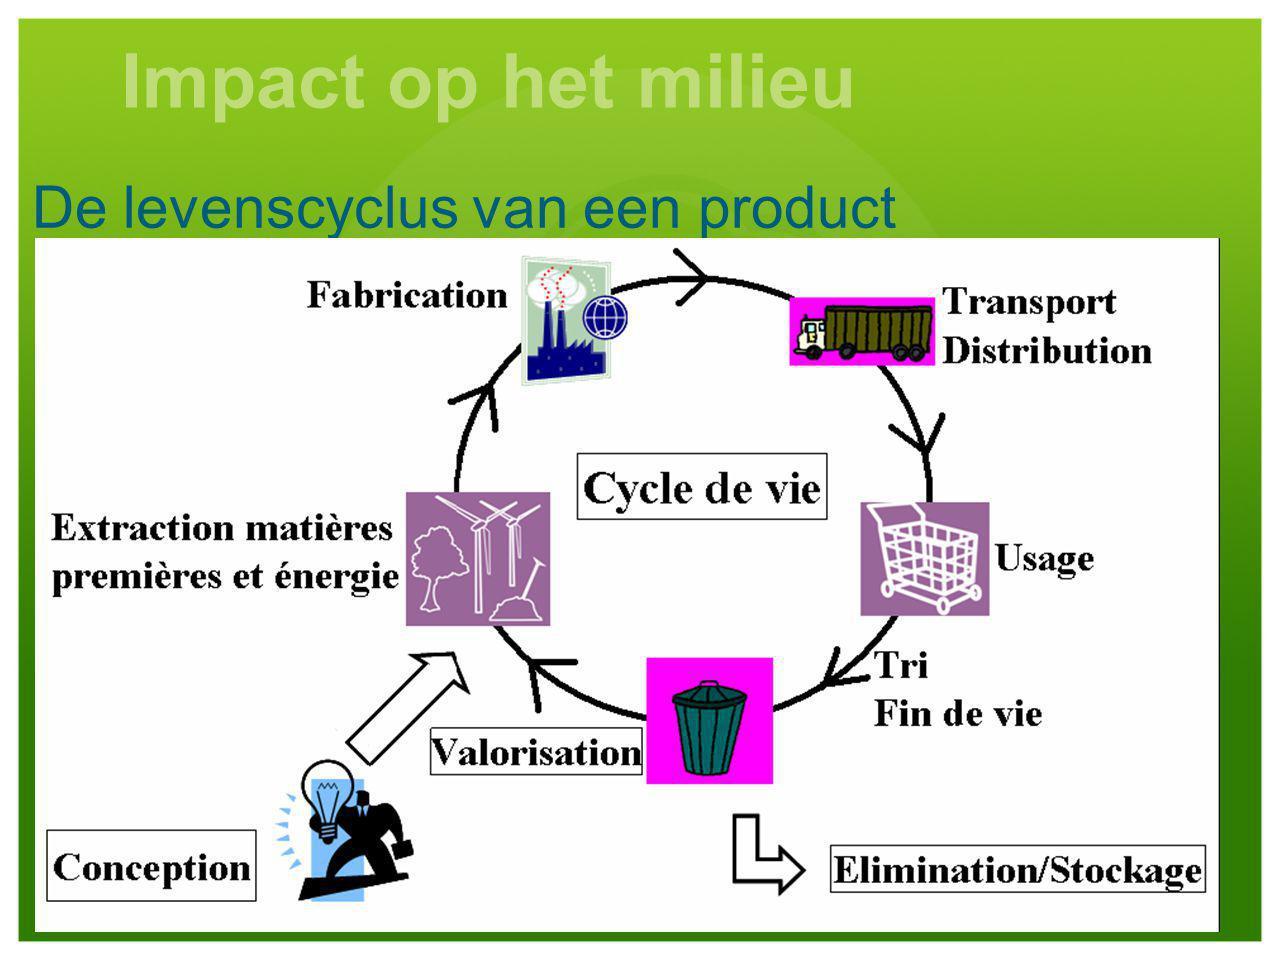 De levenscyclus van een product Impact op het milieu